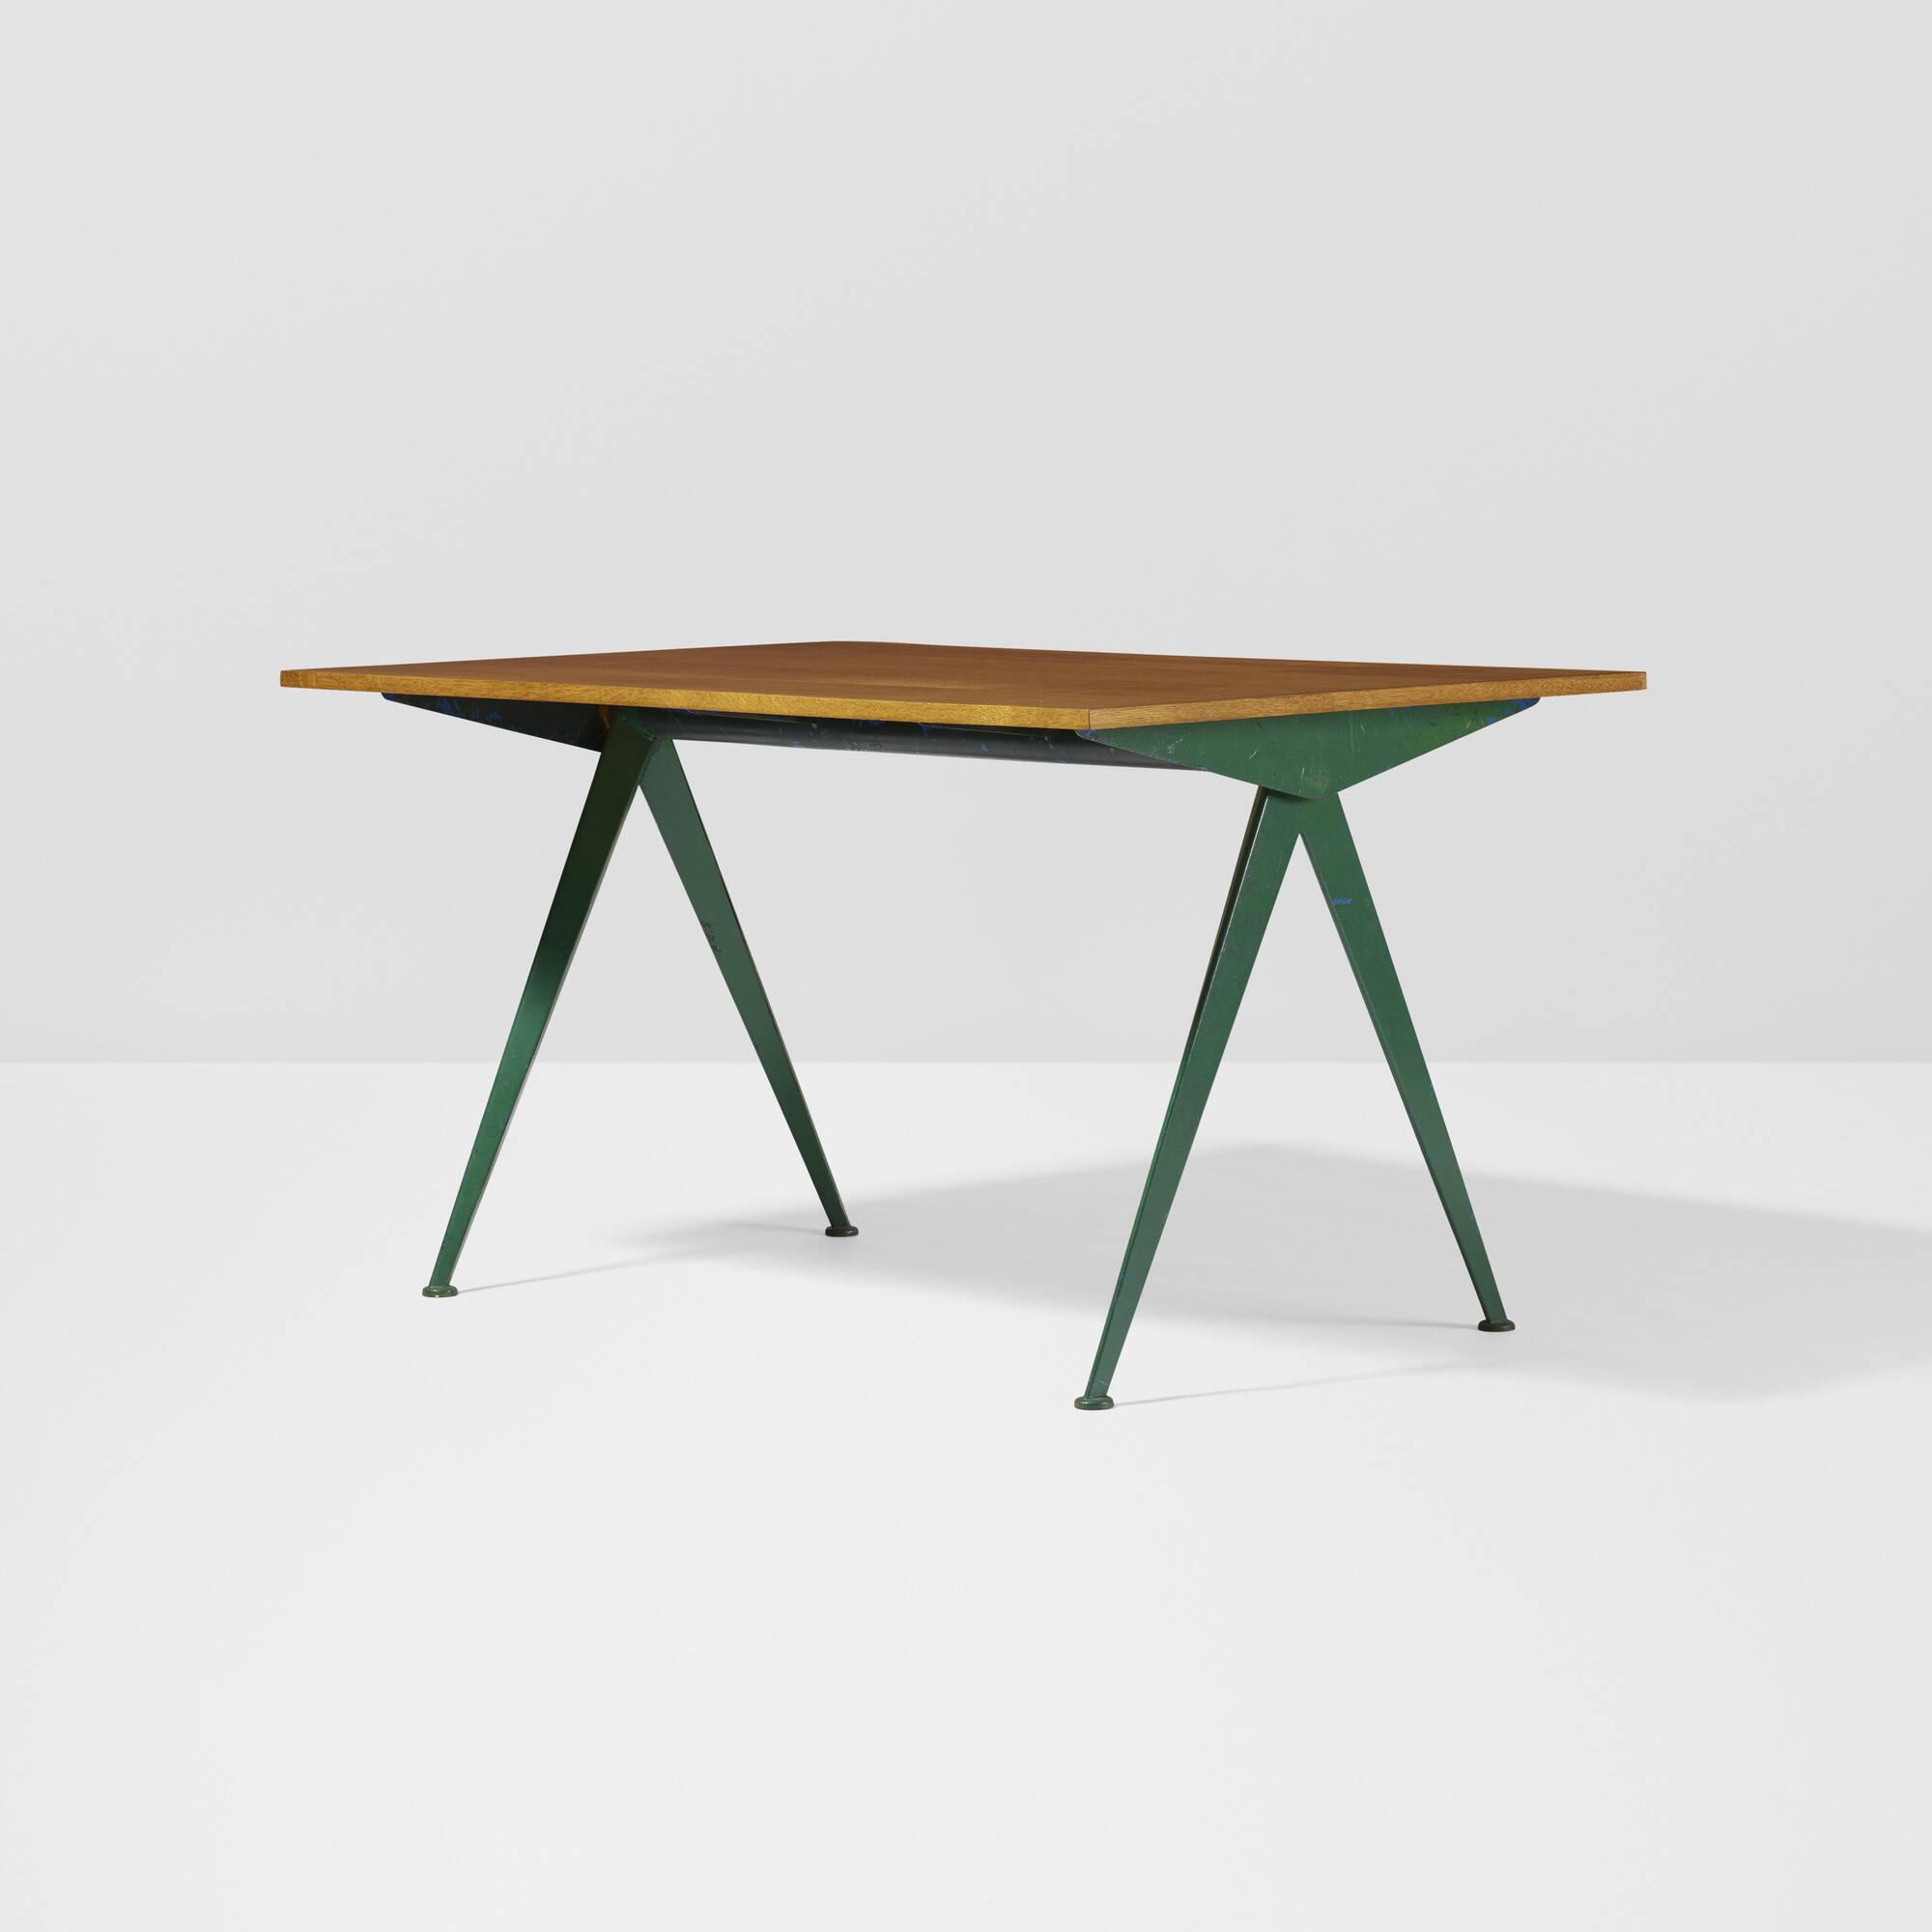 Très 254: Jean Prouvé / Compas table < The Design Collection of Dimitri  DI09